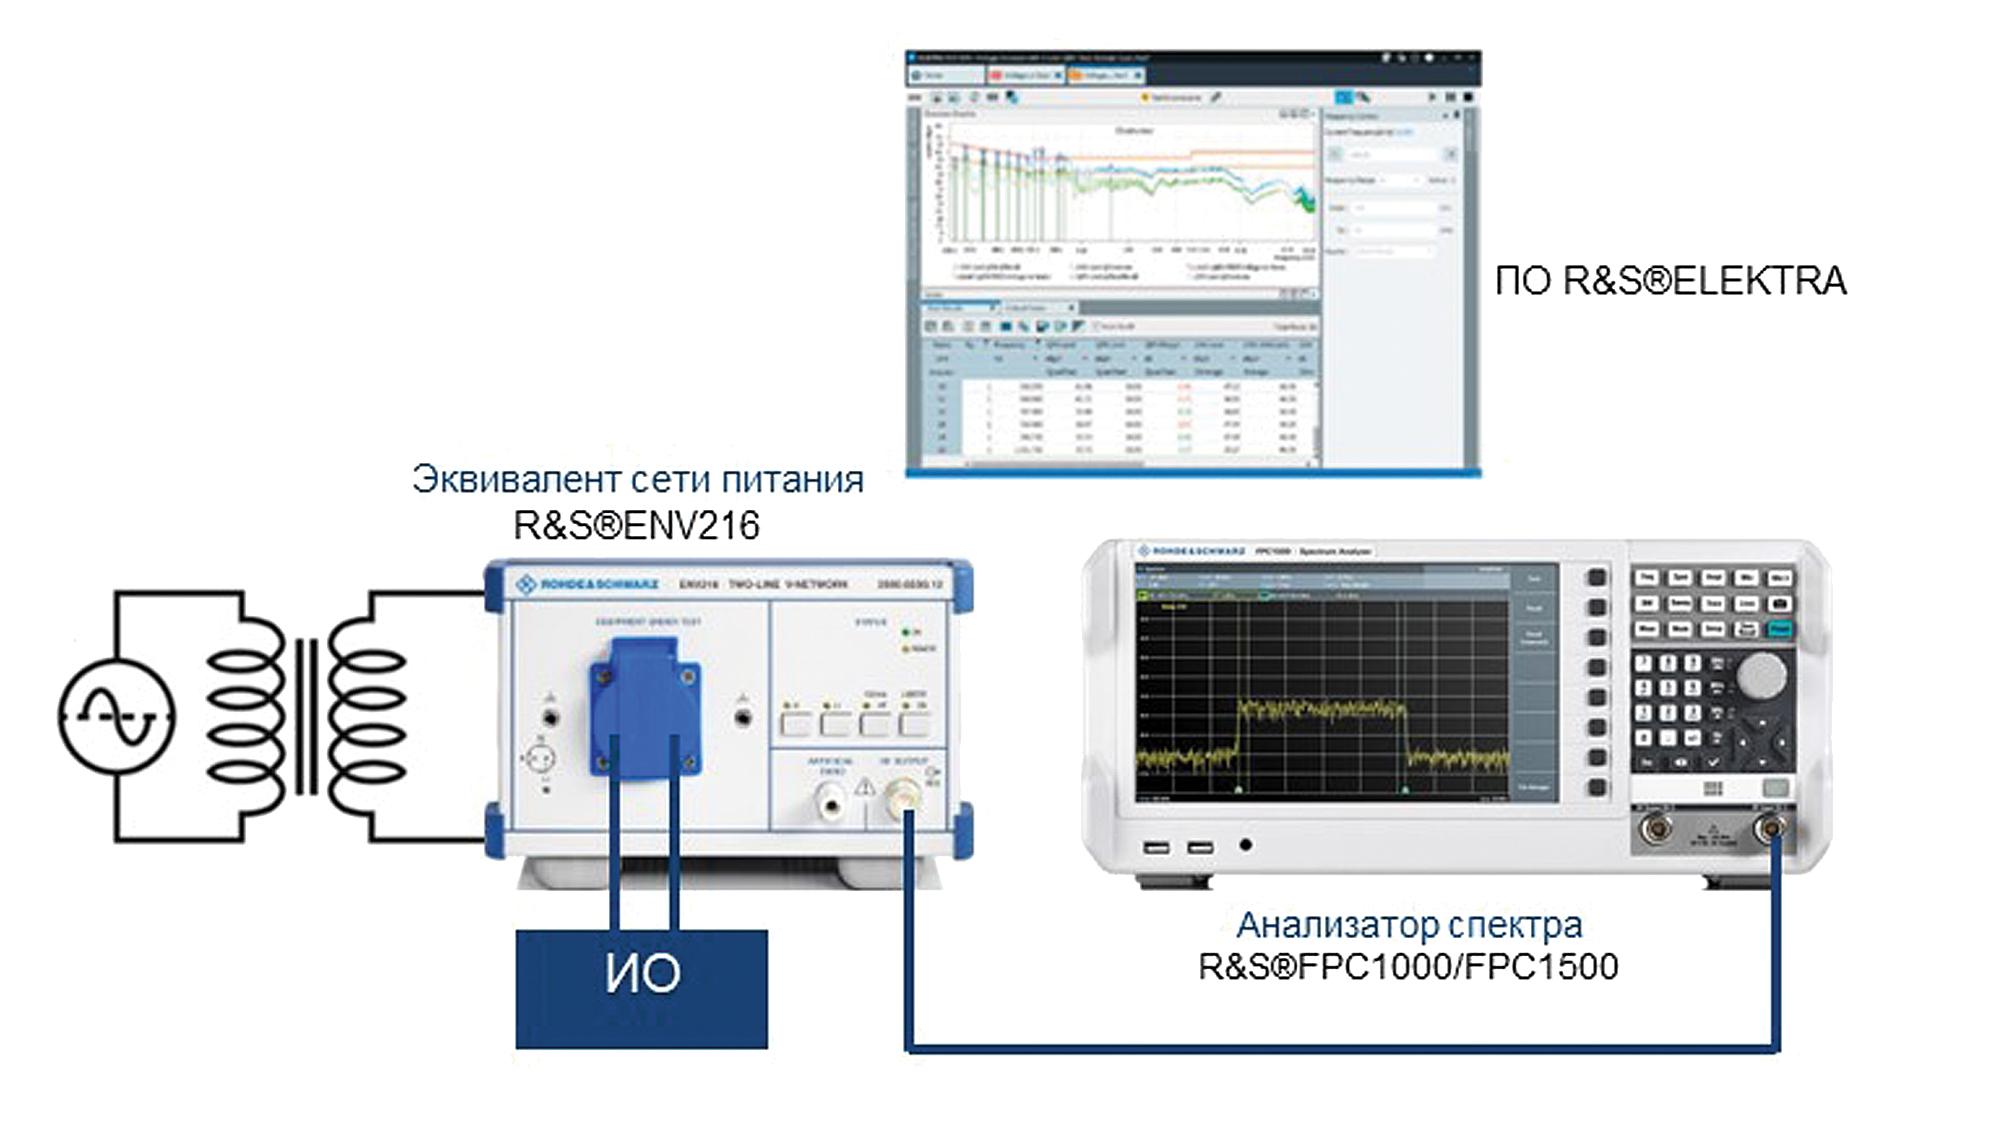 Пример схемы, предназначенной для измерений эмиссии кондуктивных помех в питающую электрическую сеть